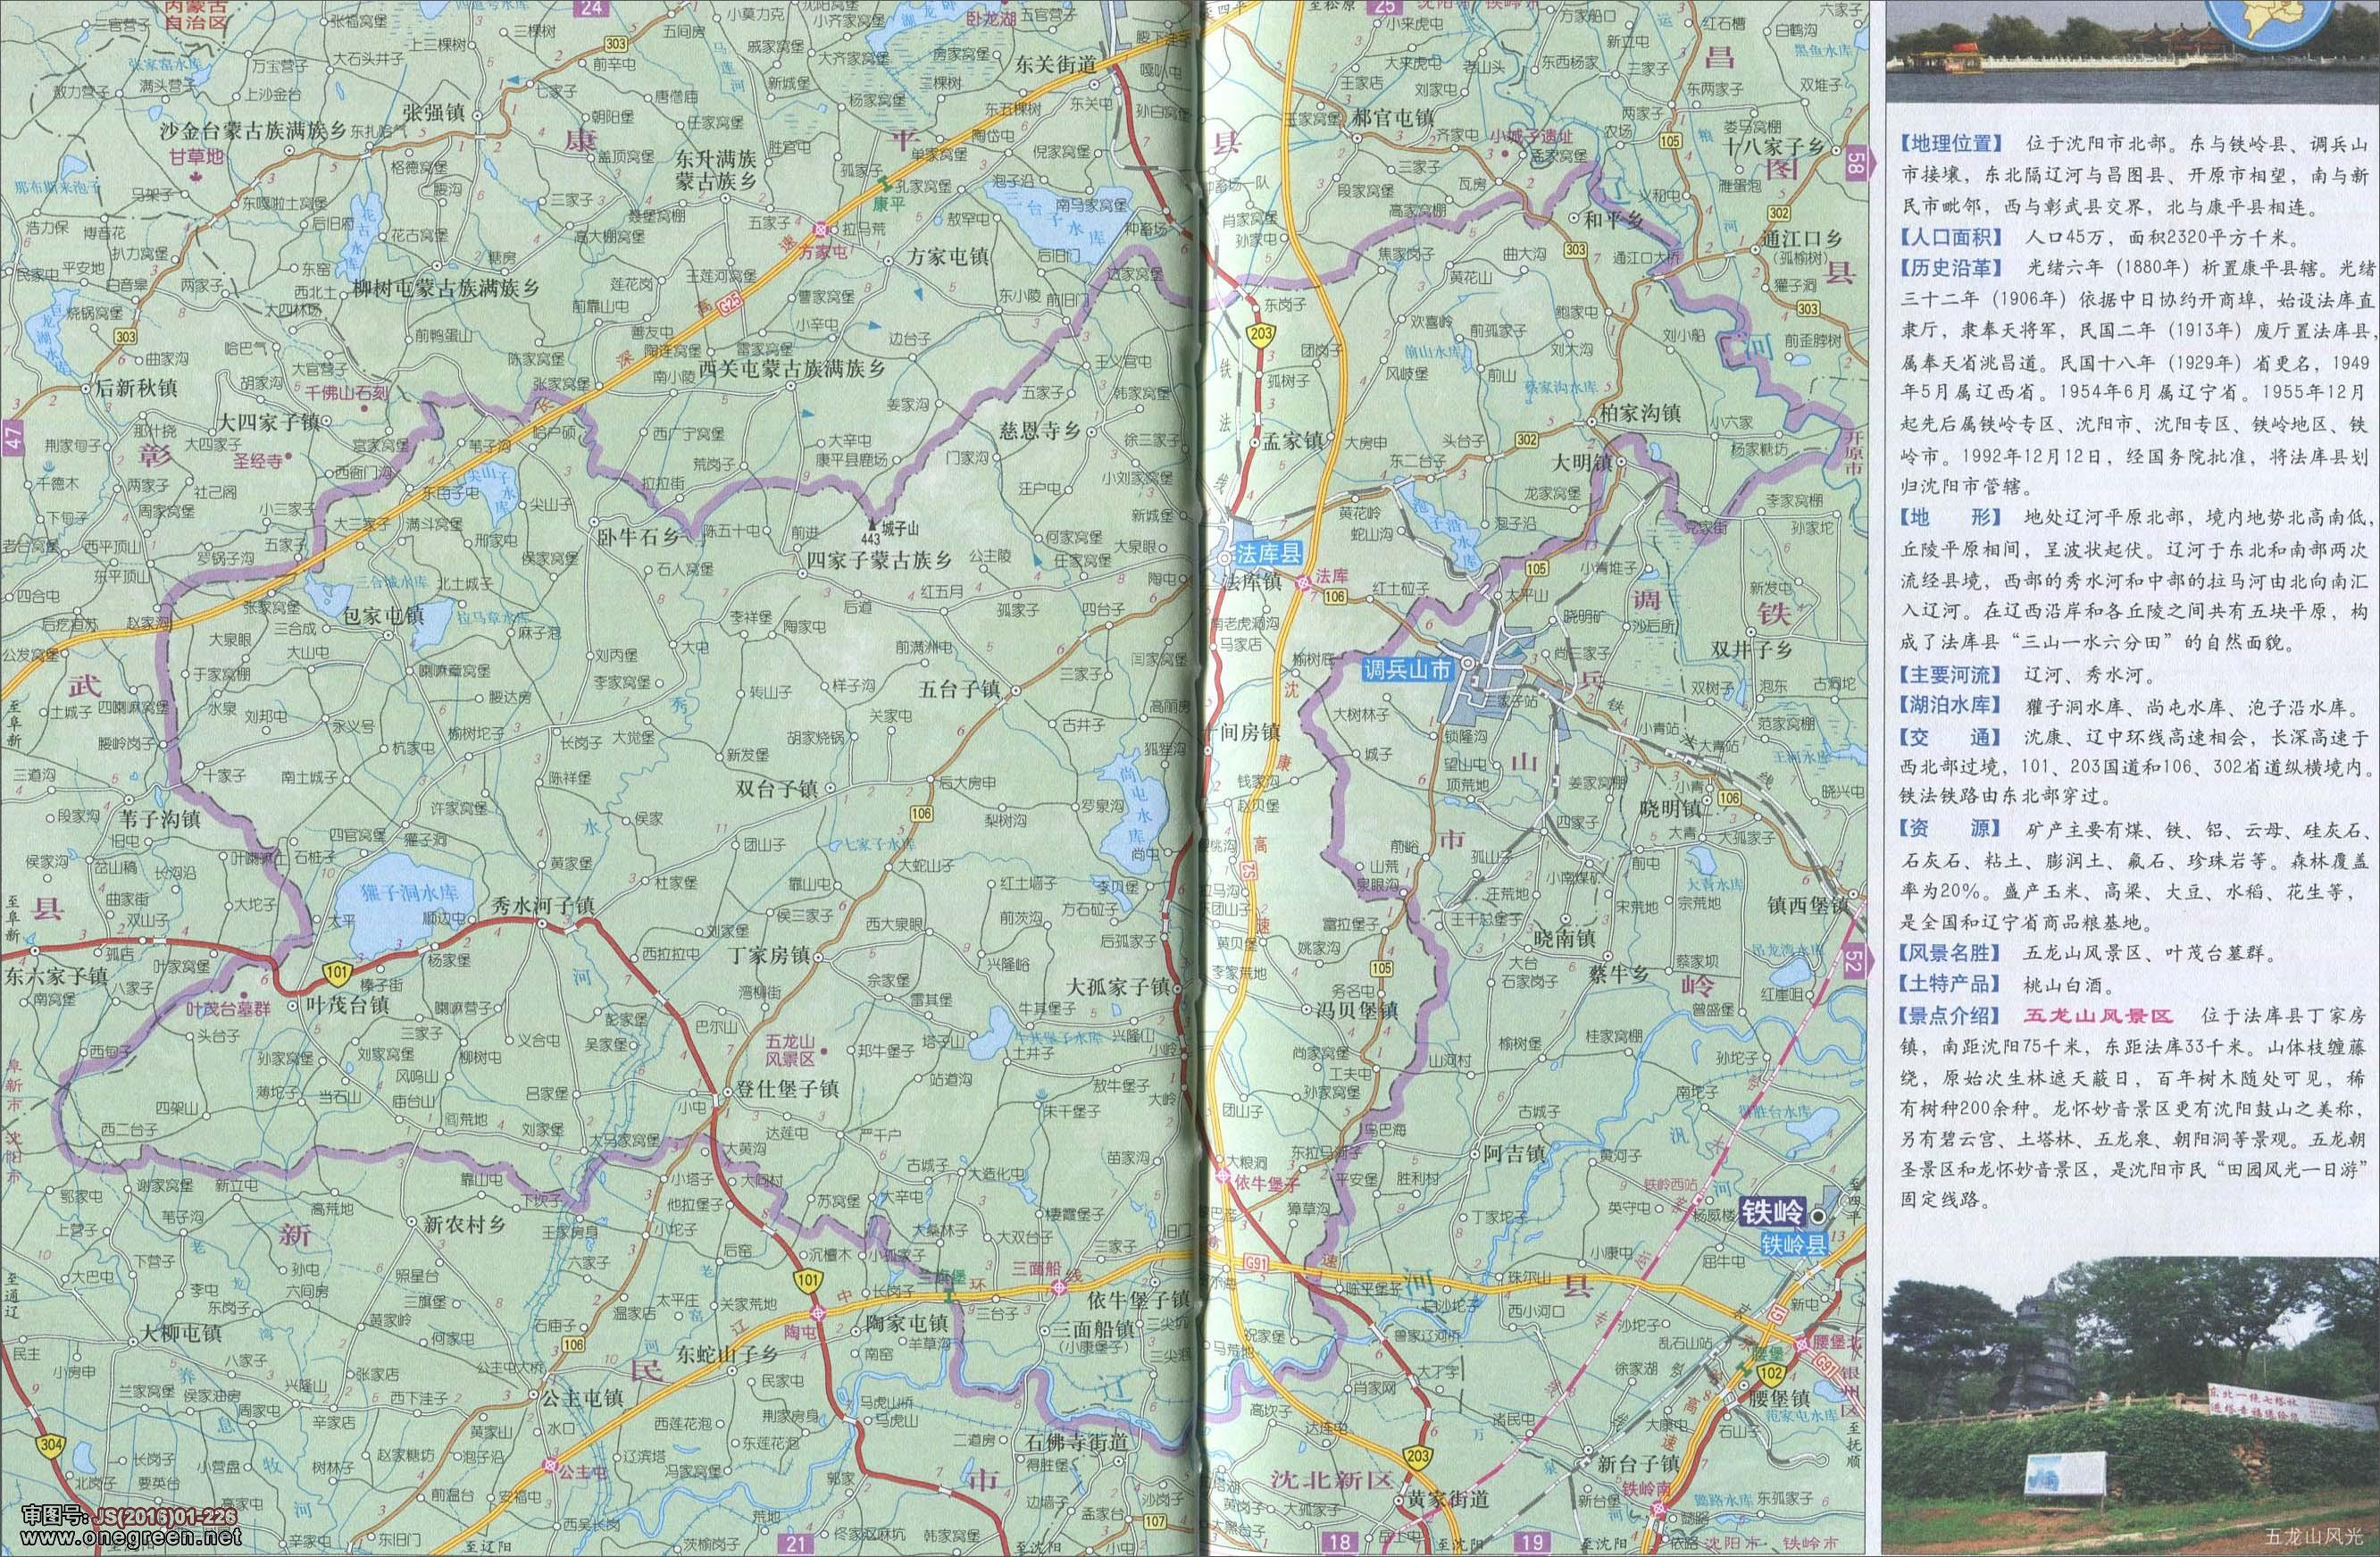 辽宁省彰武县地图_法库县县城地图展示_地图分享